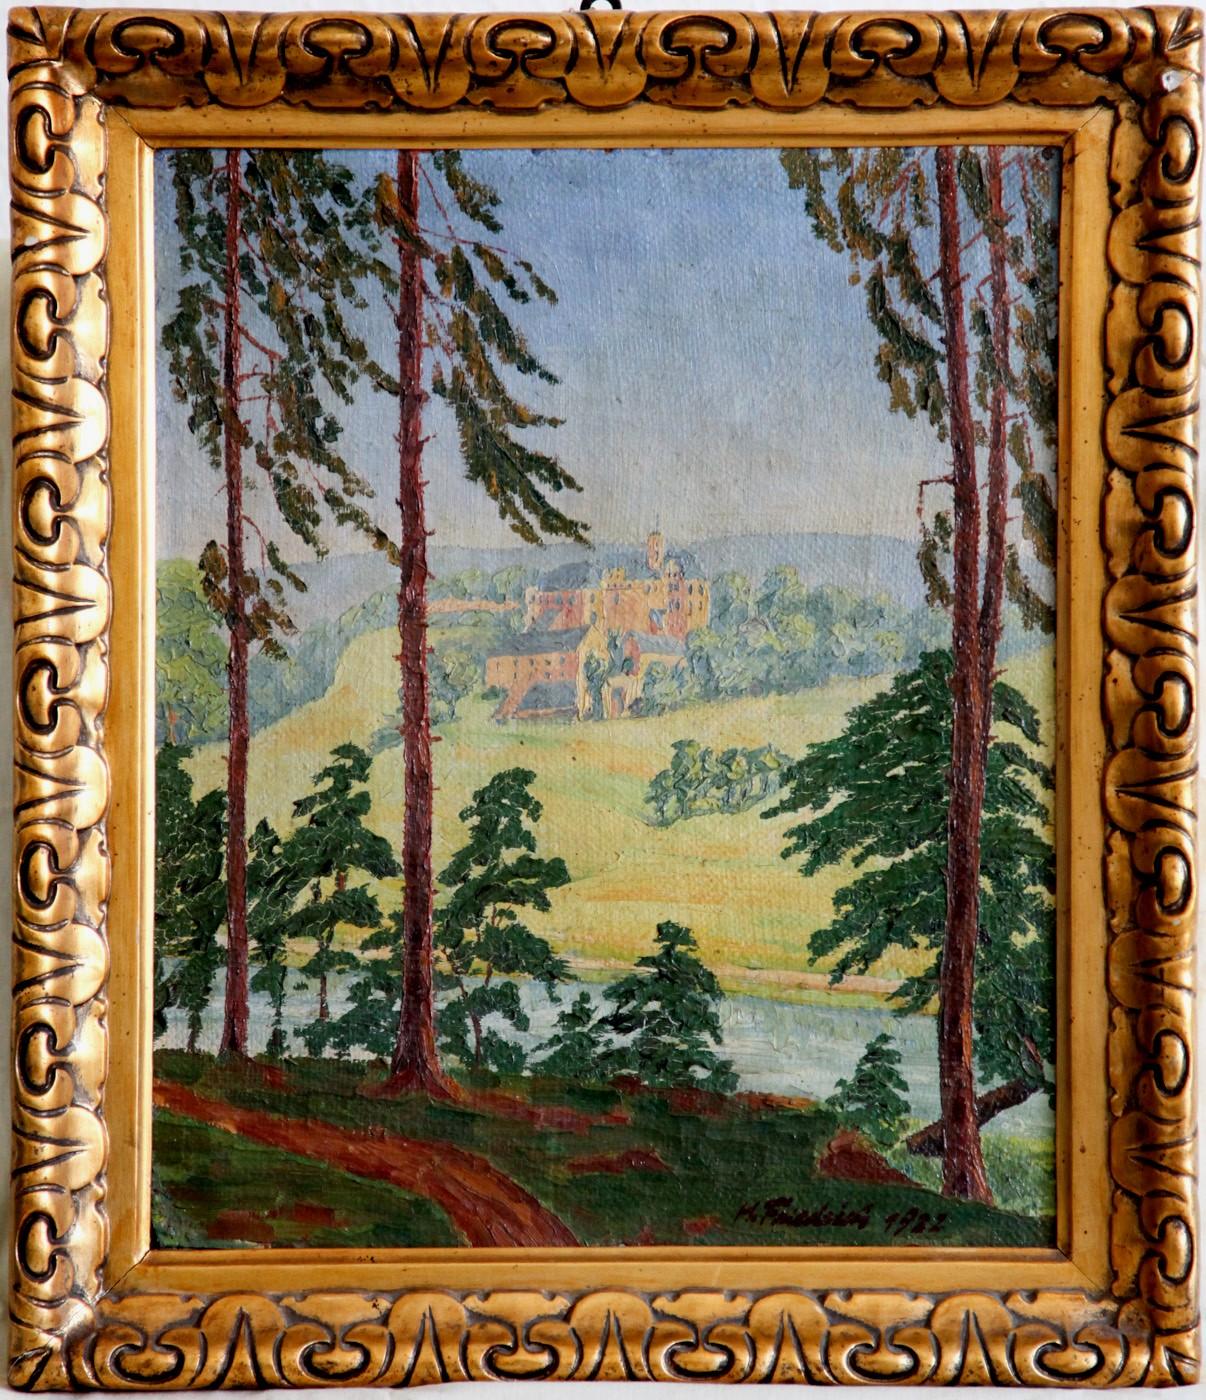 Südliche Landschaft mit Burg (1922)